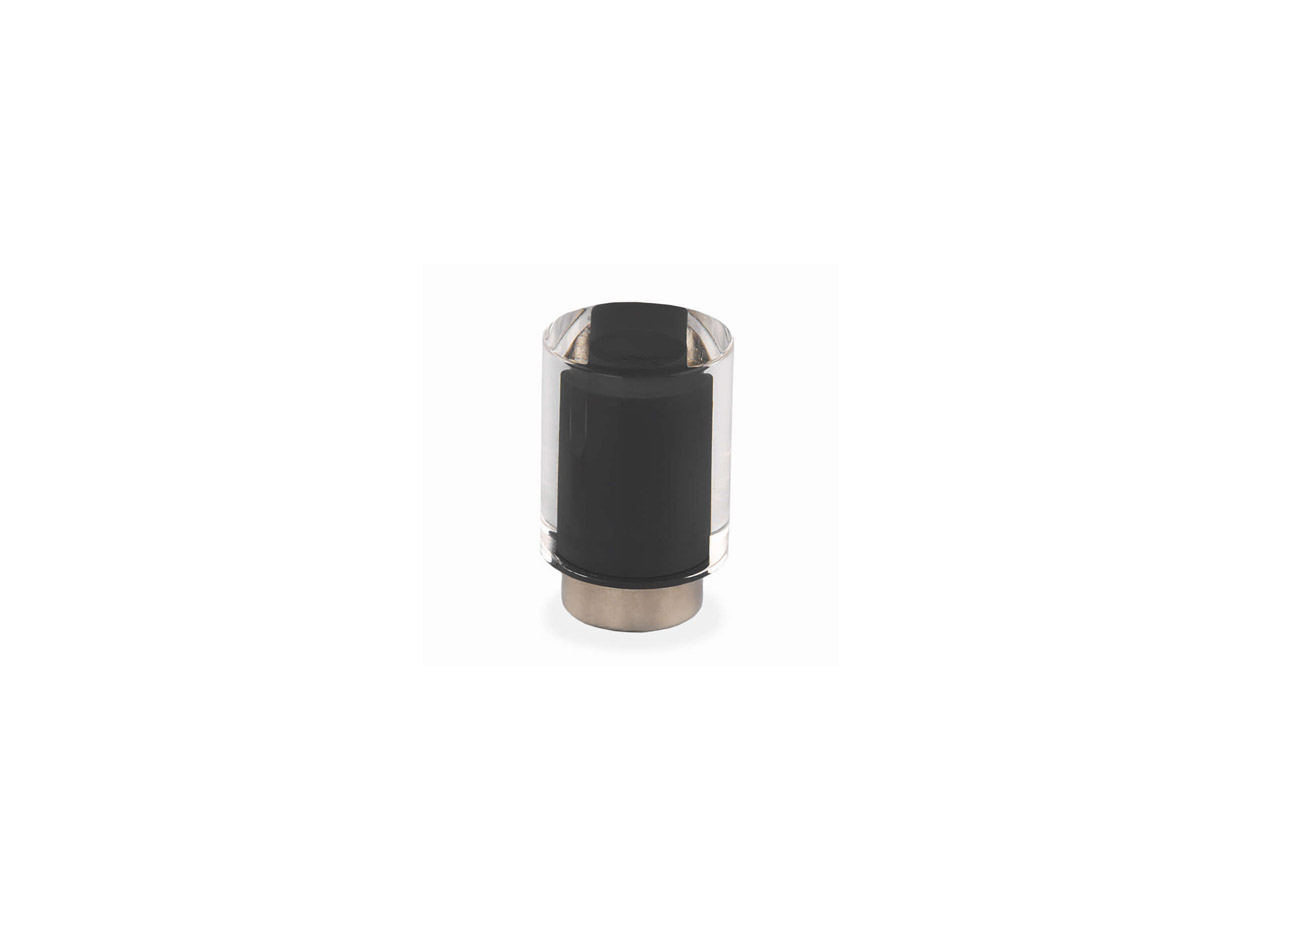 Мебельная ручка Union Knopf Duron черный в прозр.пластике Durohorn/никель глянец